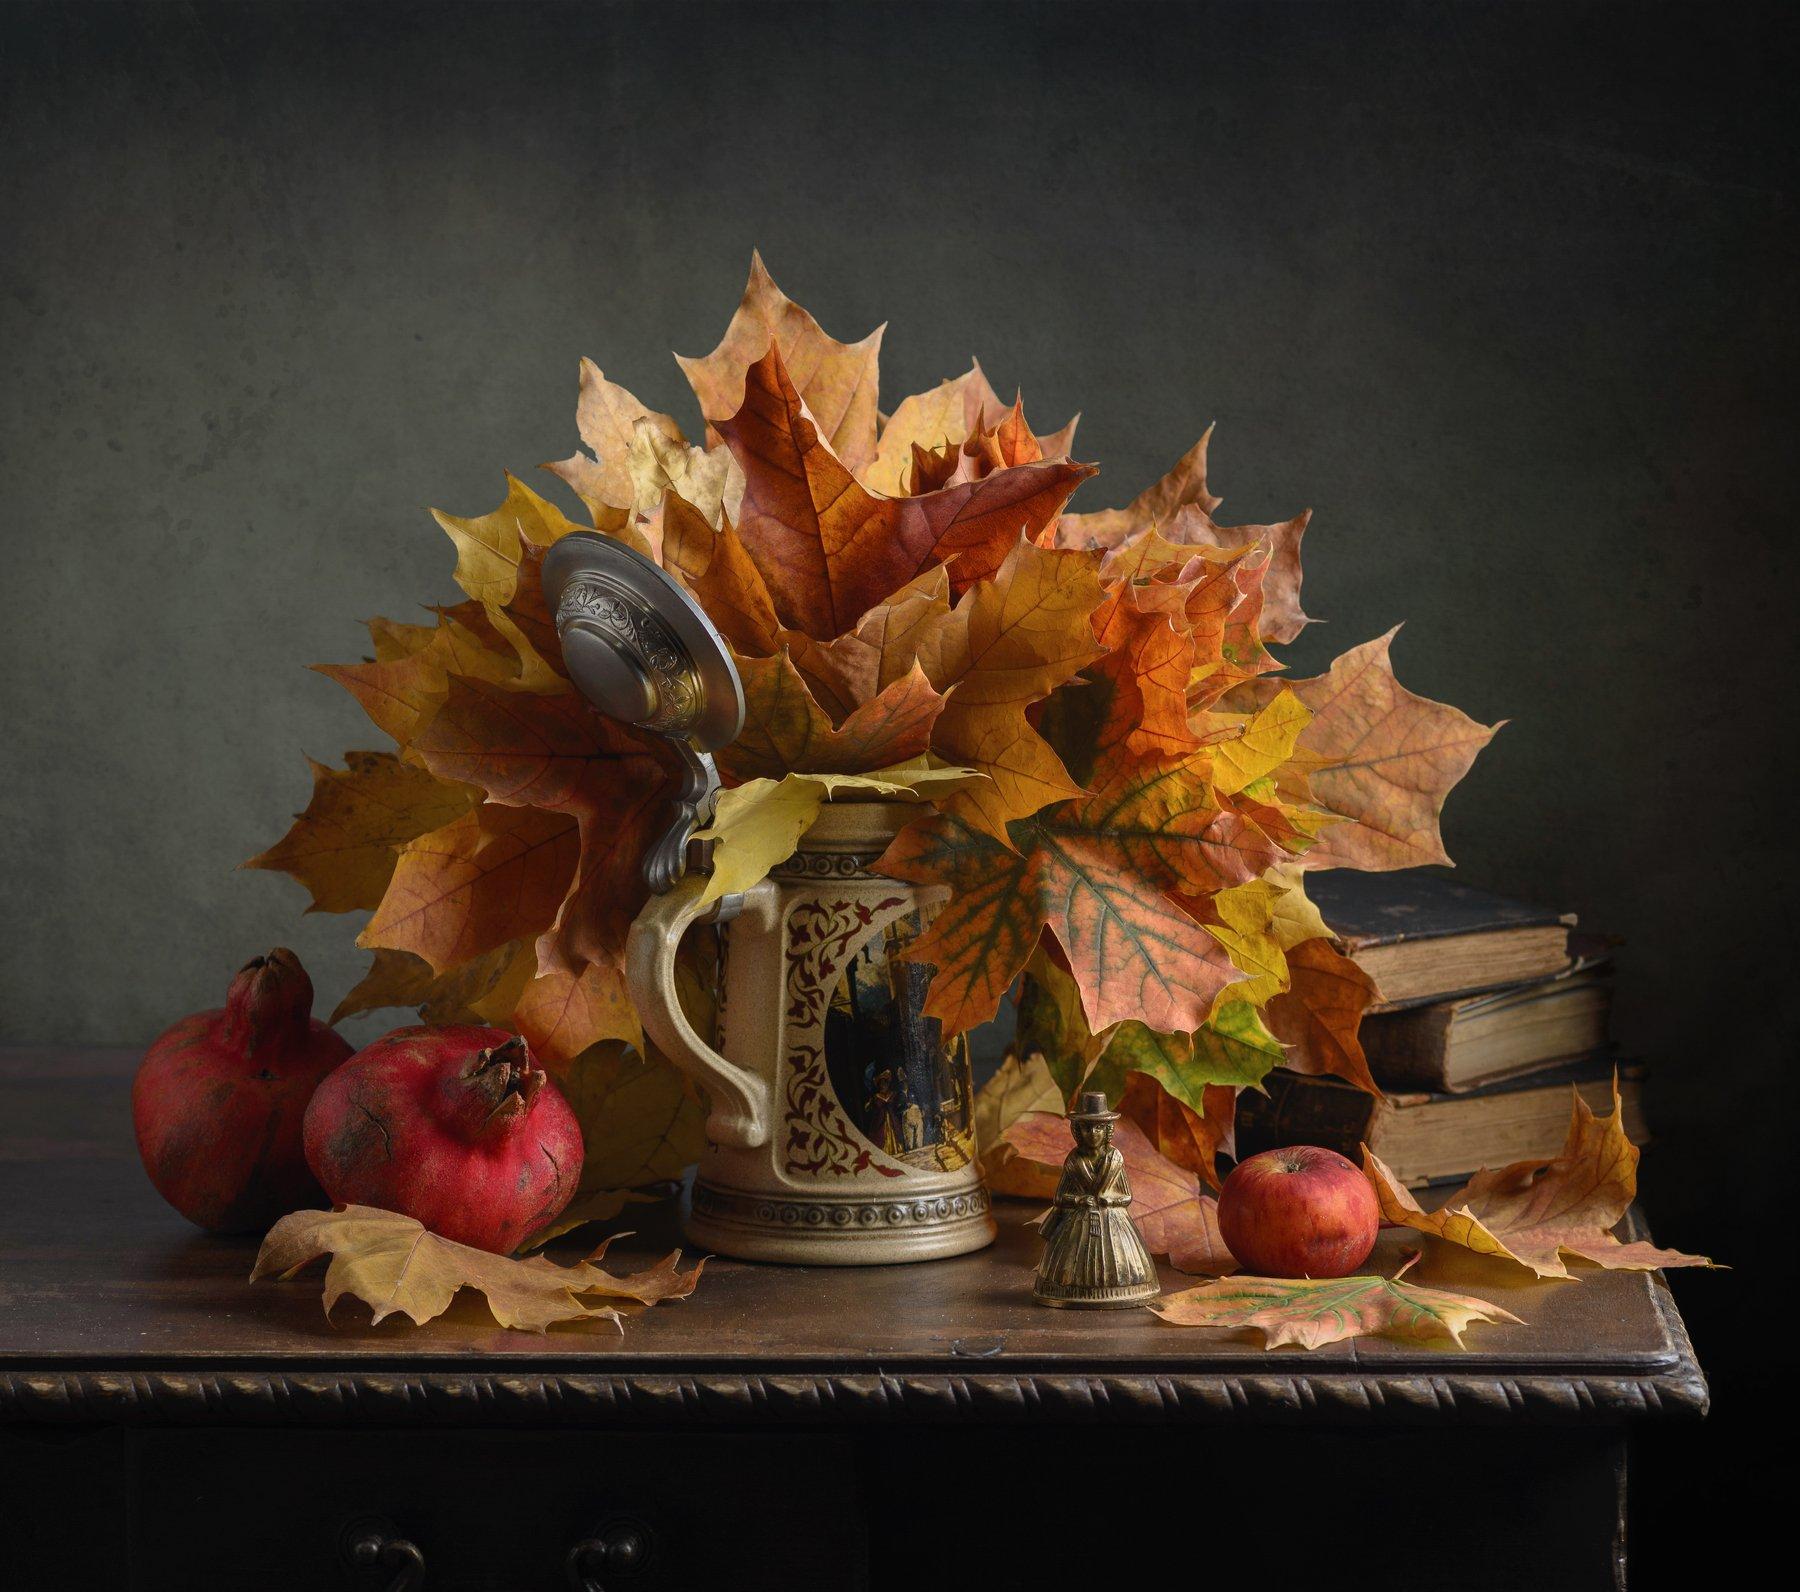 кленовые листья, осень, книги, fashionfoodfoto